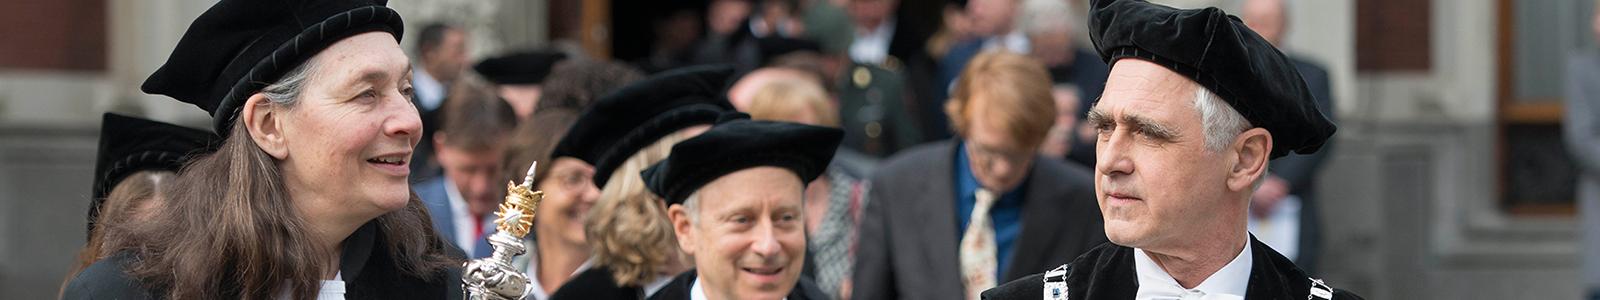 De Pedel en rector magnificus tijdens Dies 2014, de viering van het bestaan van de Universiteit Utrecht.